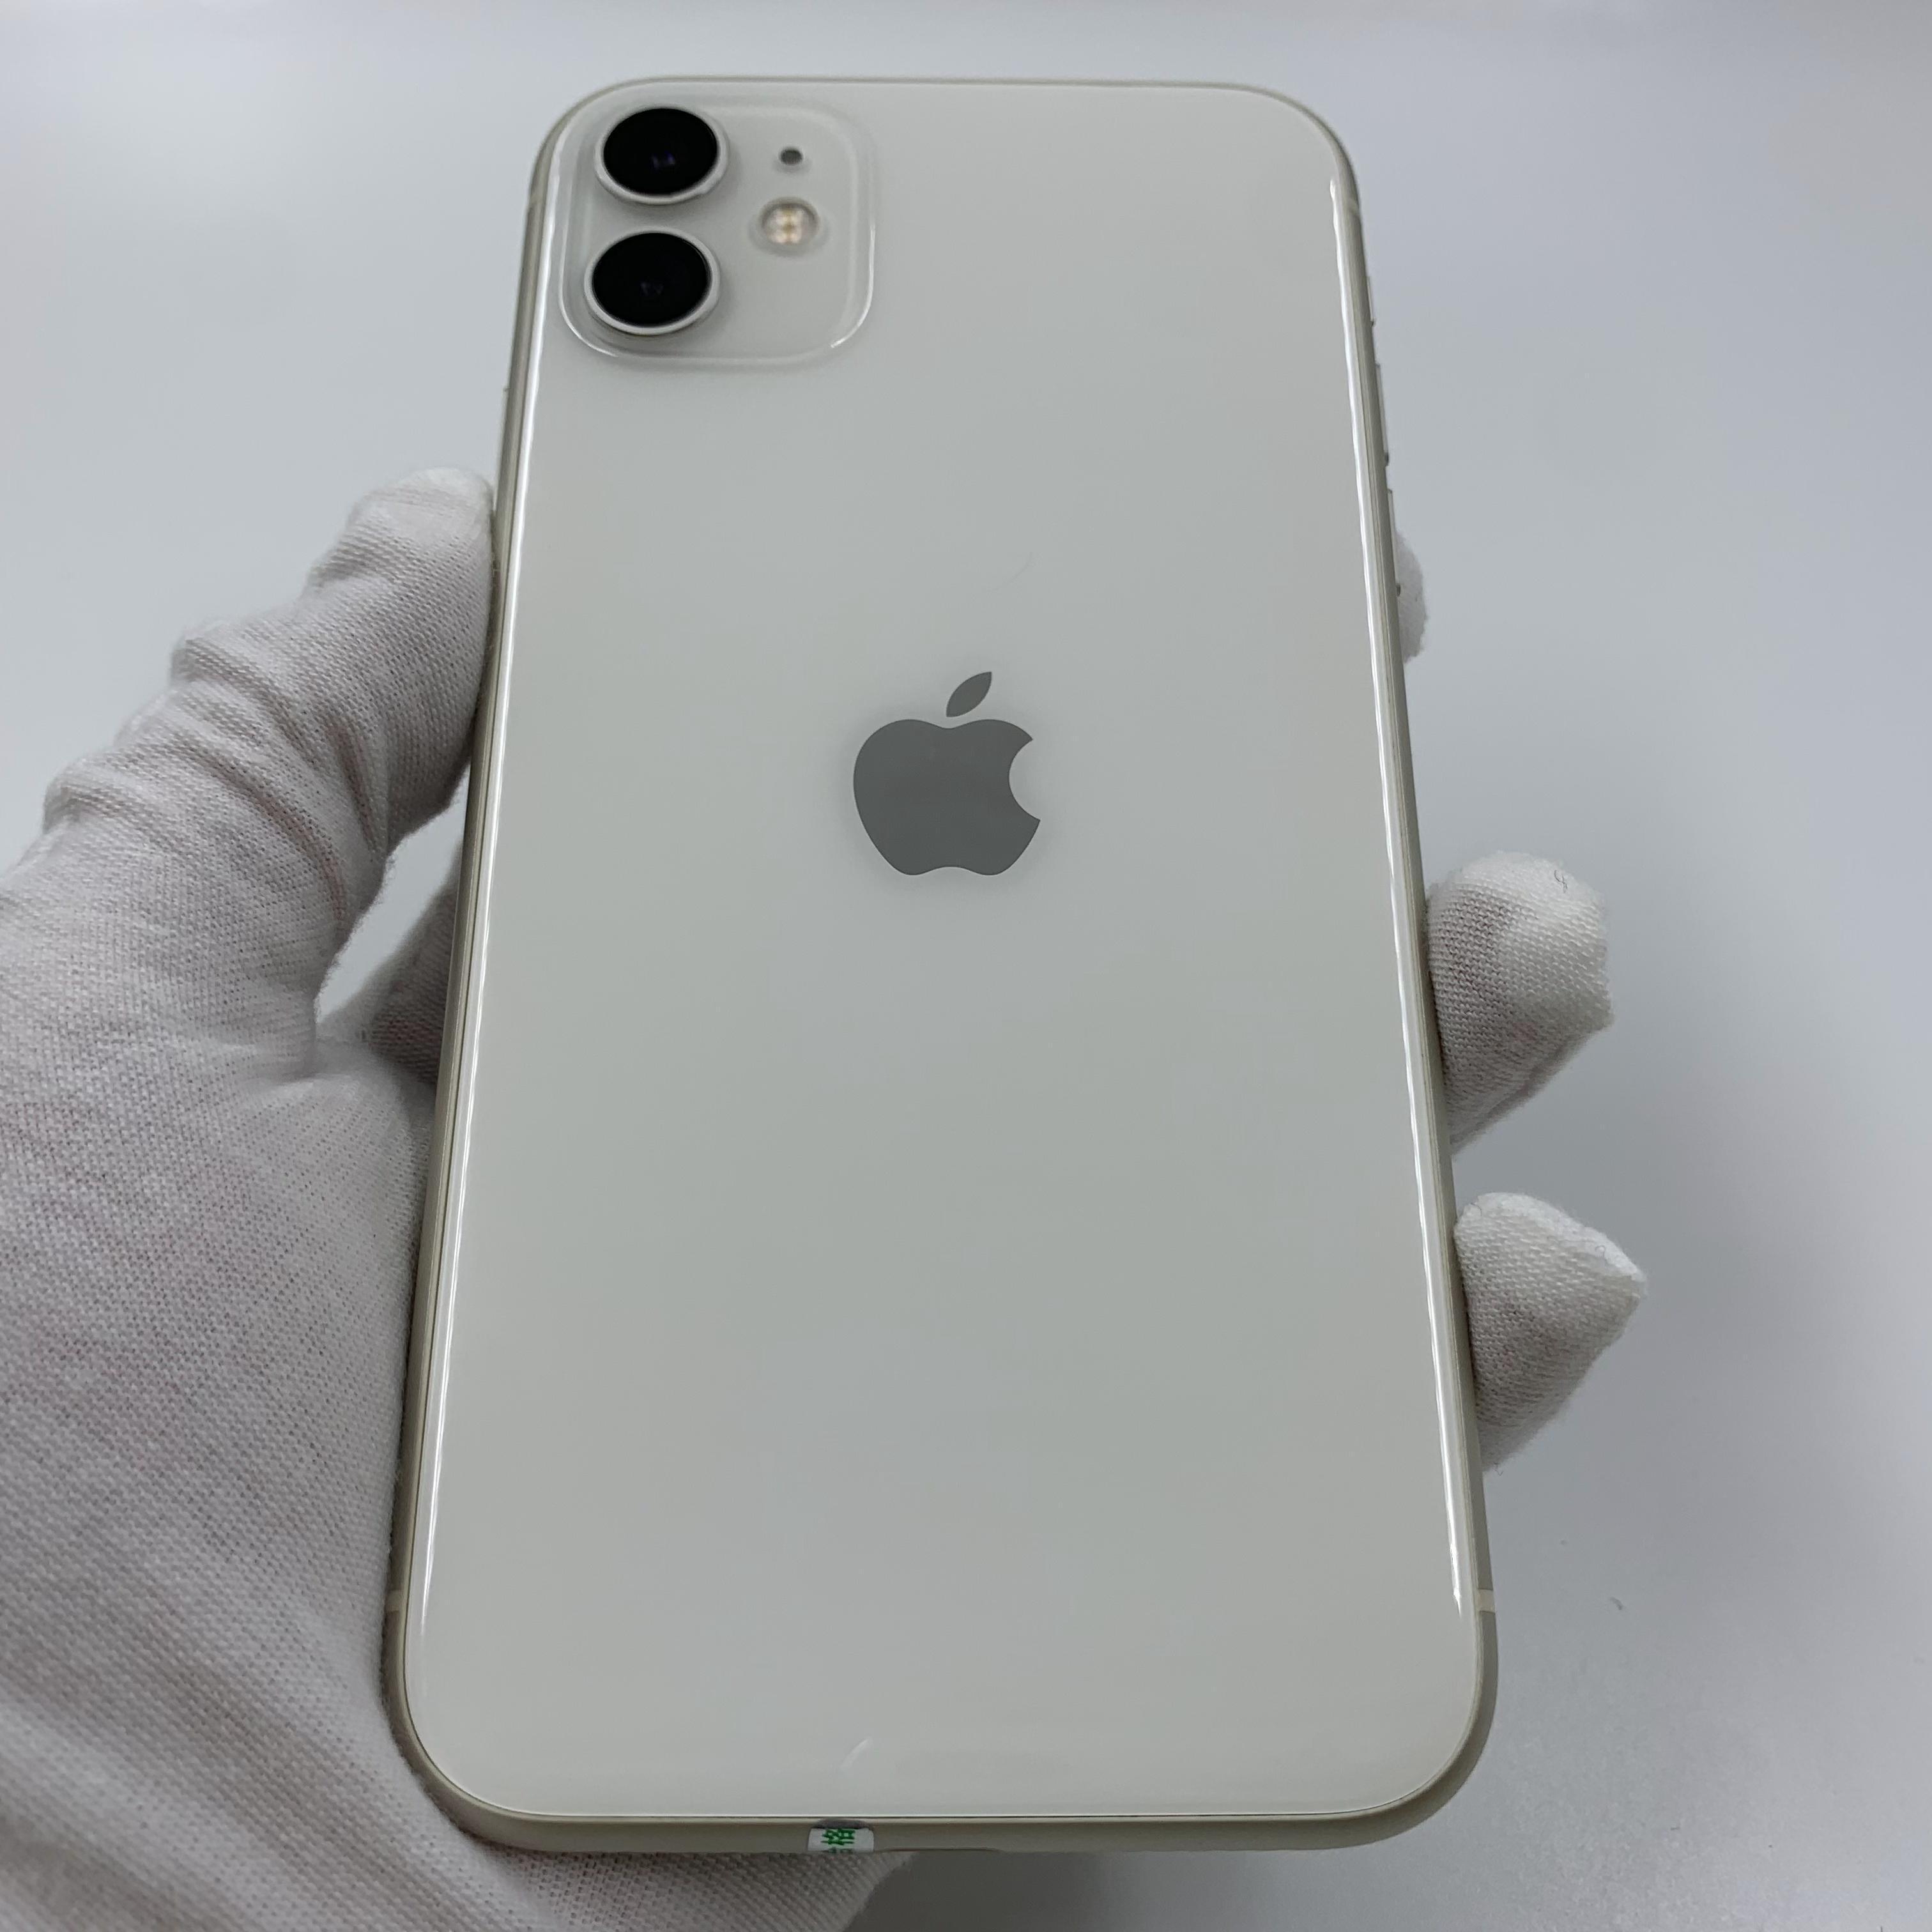 苹果【iPhone 11】4G全网通 白色 64G 国行 95新 真机实拍